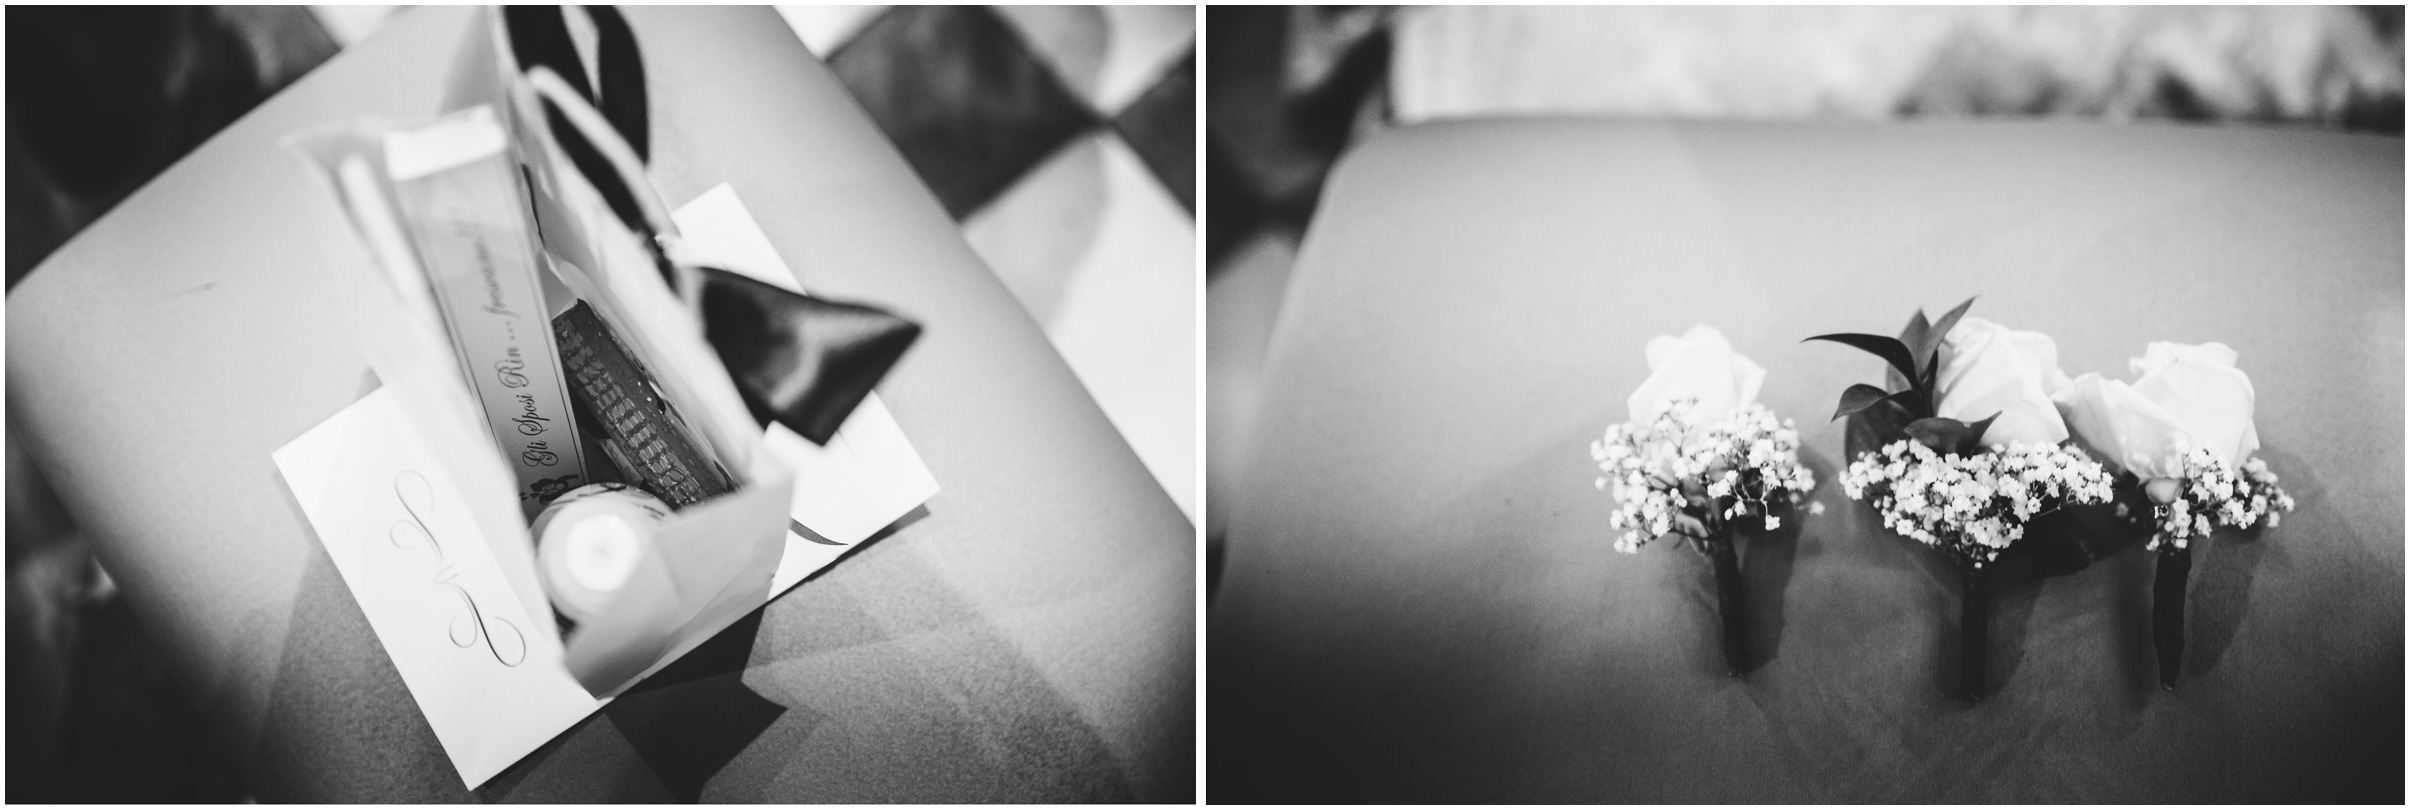 WEDDING-PHOTOGRAPHY-SARA-LORENZONI-FOTOGRAFIA-MATRIMONIO-AREZZO-TUSCANY-EVENTO-LE-SPOSE-DI-GIANNI-ELISA-LUCA016